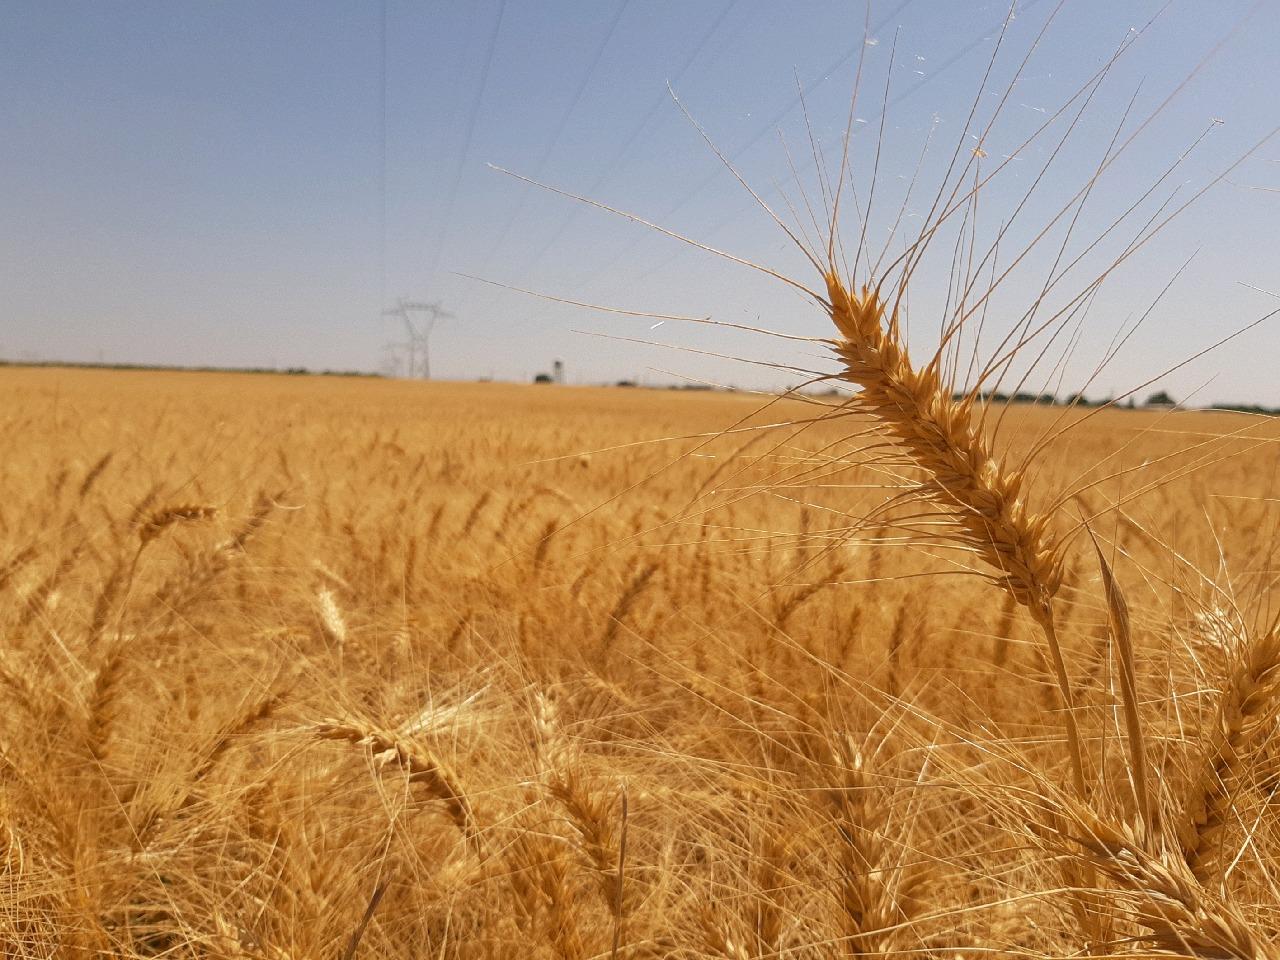 رتبه برتر ساوه در تولید گندم در استان مرکزی